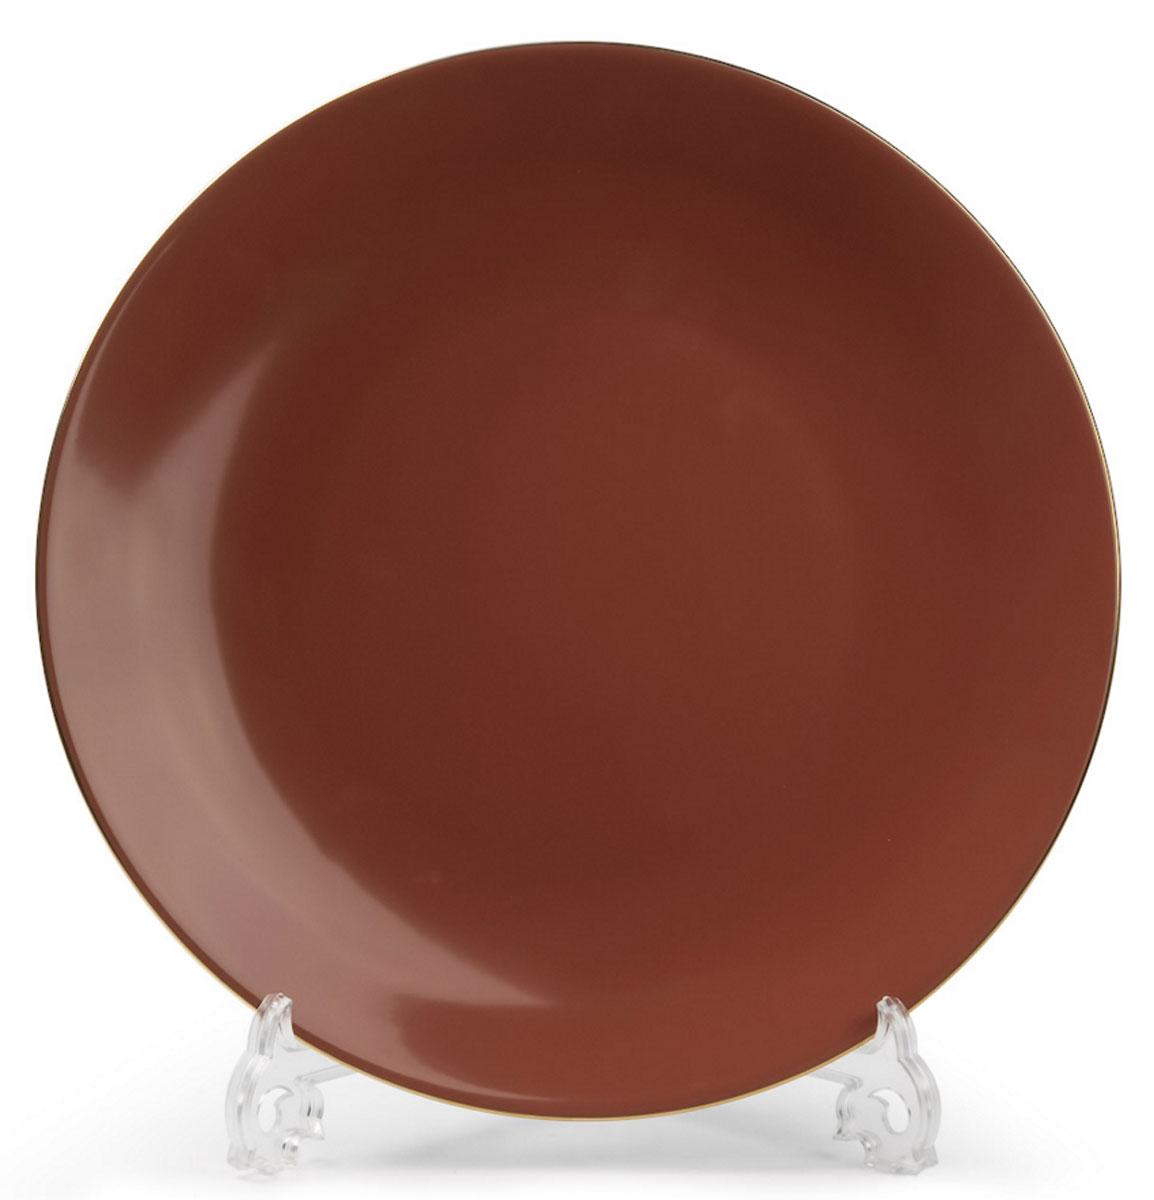 Monalisa 3126 набор глубоких тарелок*6 шт, цвет: мокко с золотом5591053126В наборе глубокая тарелка 6 штук Материал: фарфор: цвет: мокко с золотомСерия: MONALISA